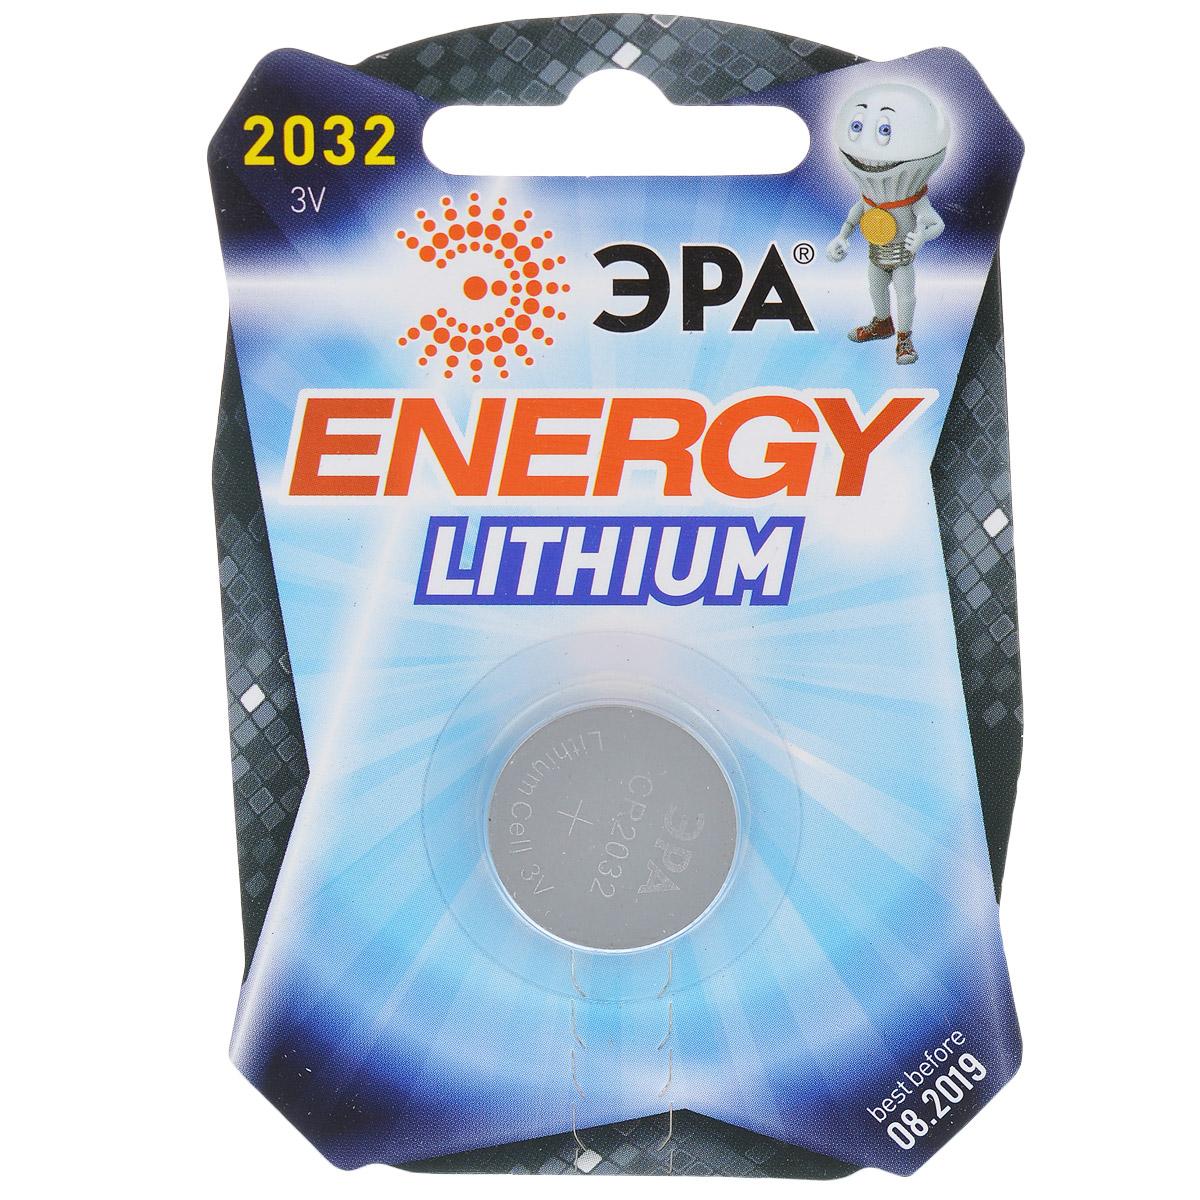 Батарейка литиевая ЭРА Energy, тип CR2032 (1BL), 3В5055398601112Литиевые батарейки ЭРА Energy оптимально подходят для повседневного питания множества современных бытовых приборов: электронных игрушек, фонарей, беспроводной компьютерной периферии и многого другого. Батарейки созданы для устройств со средним и высоким потреблением энергии. Работают в 10 раз дольше, чем обычные солевые элементы питания. Диаметр батарейки: 2 см.